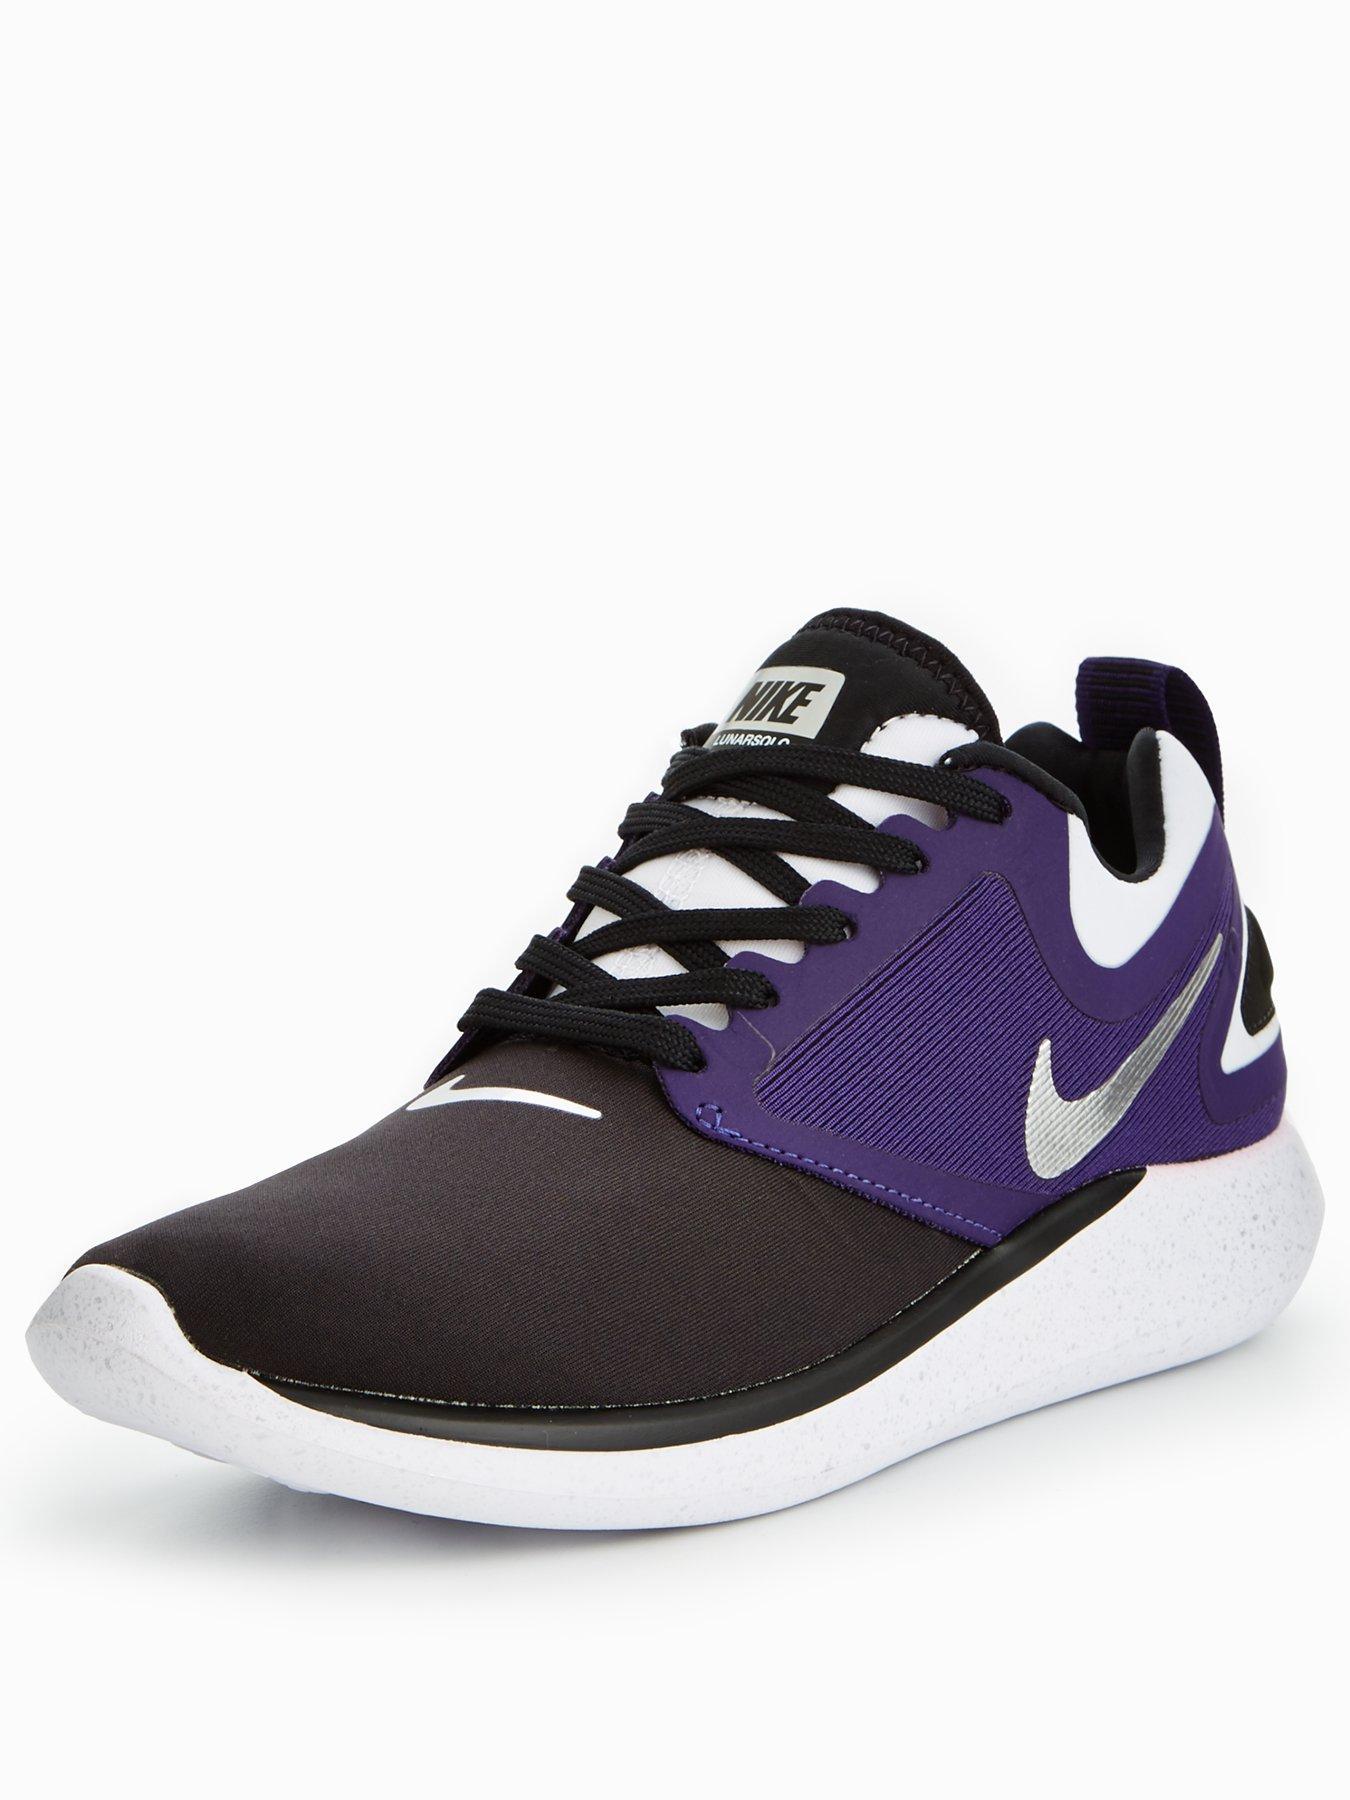 Nike Shine Lunar Solo Multi 1600179809 Women's Shoes Nike Trainers